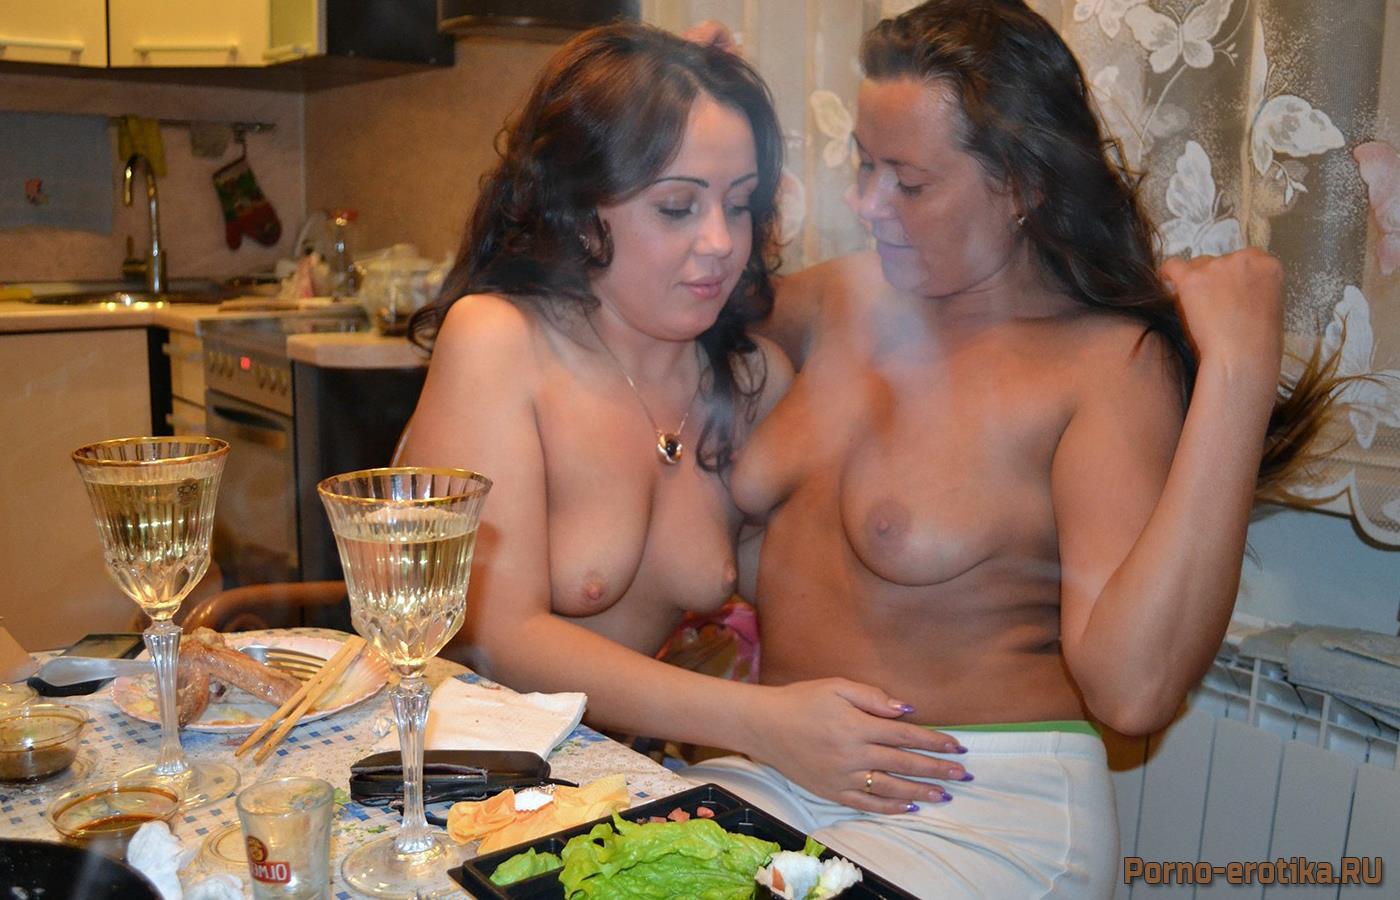 golie-aktrisi-na-foto-ebutsya